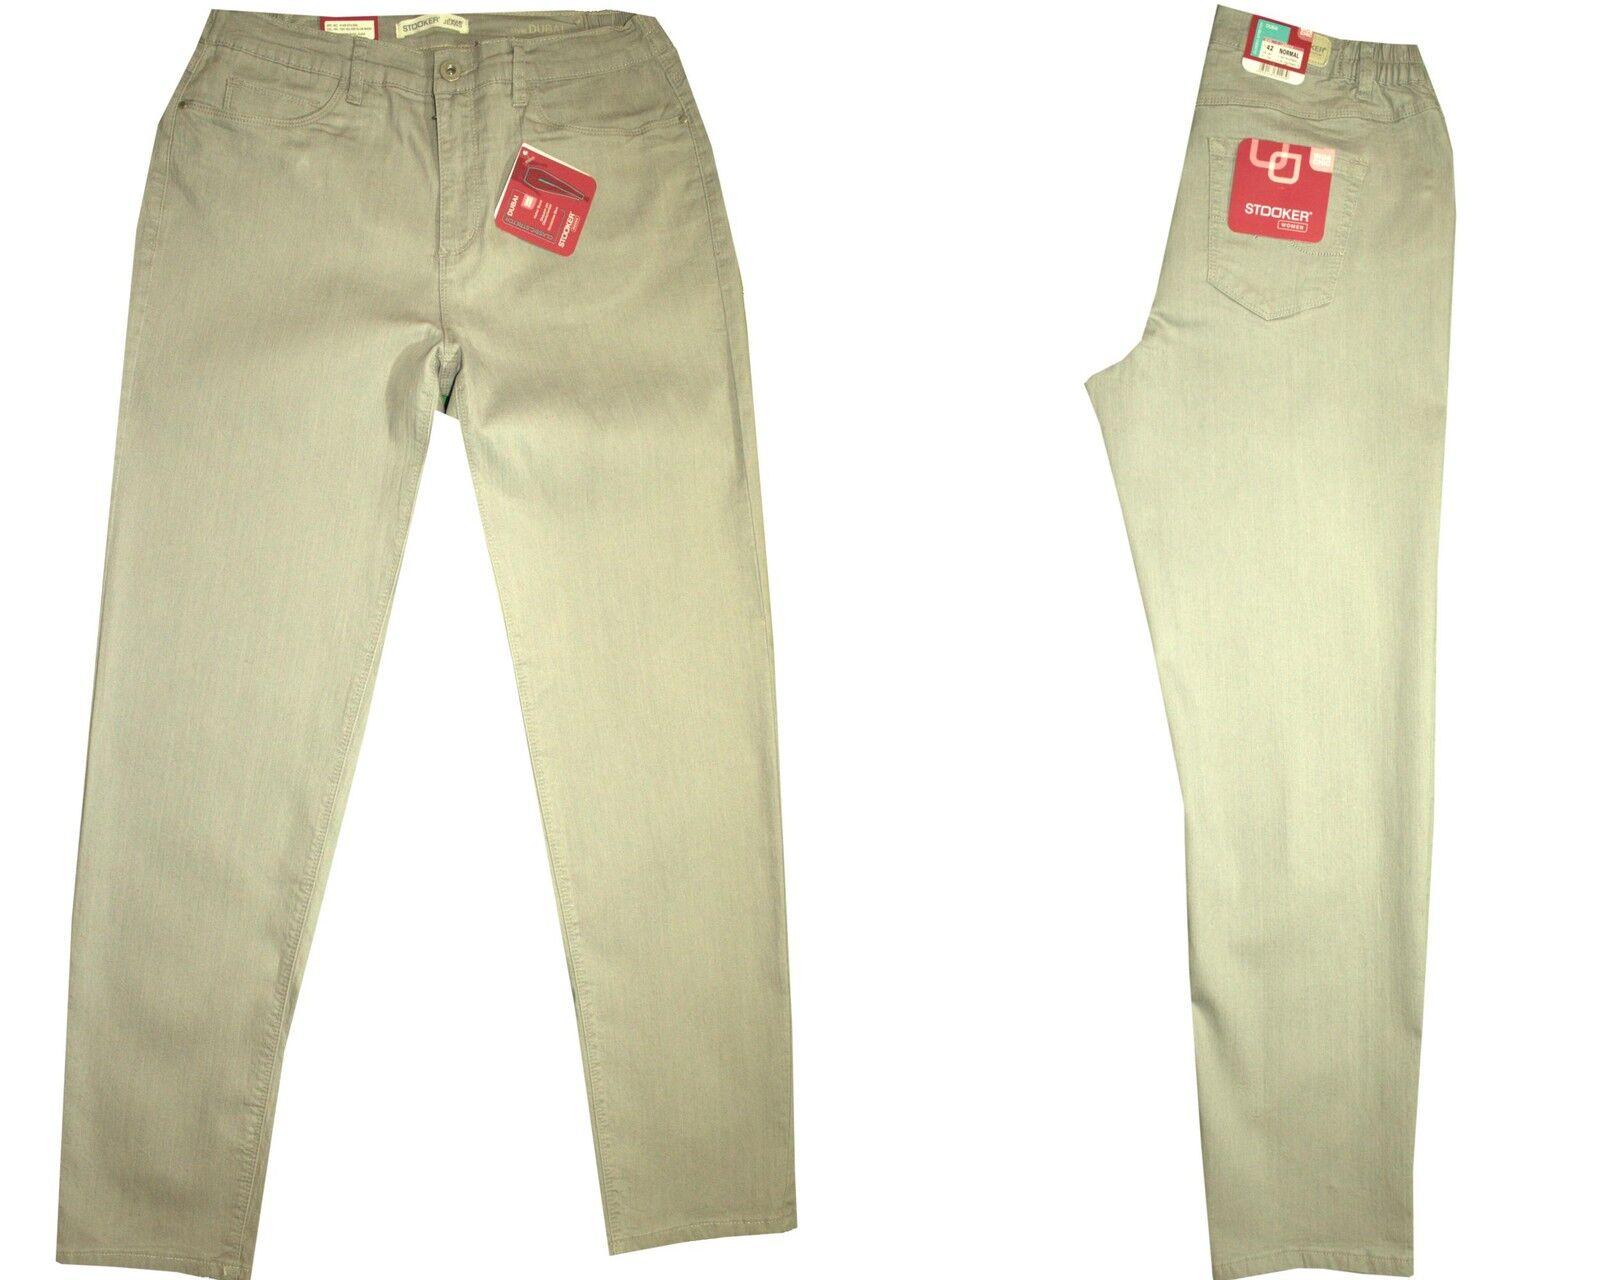 Détails sur ✅ STOOKER Dubaï Femmes Stretch Jeans Pantalon Silver Slub Wash afficher le titre d'origine